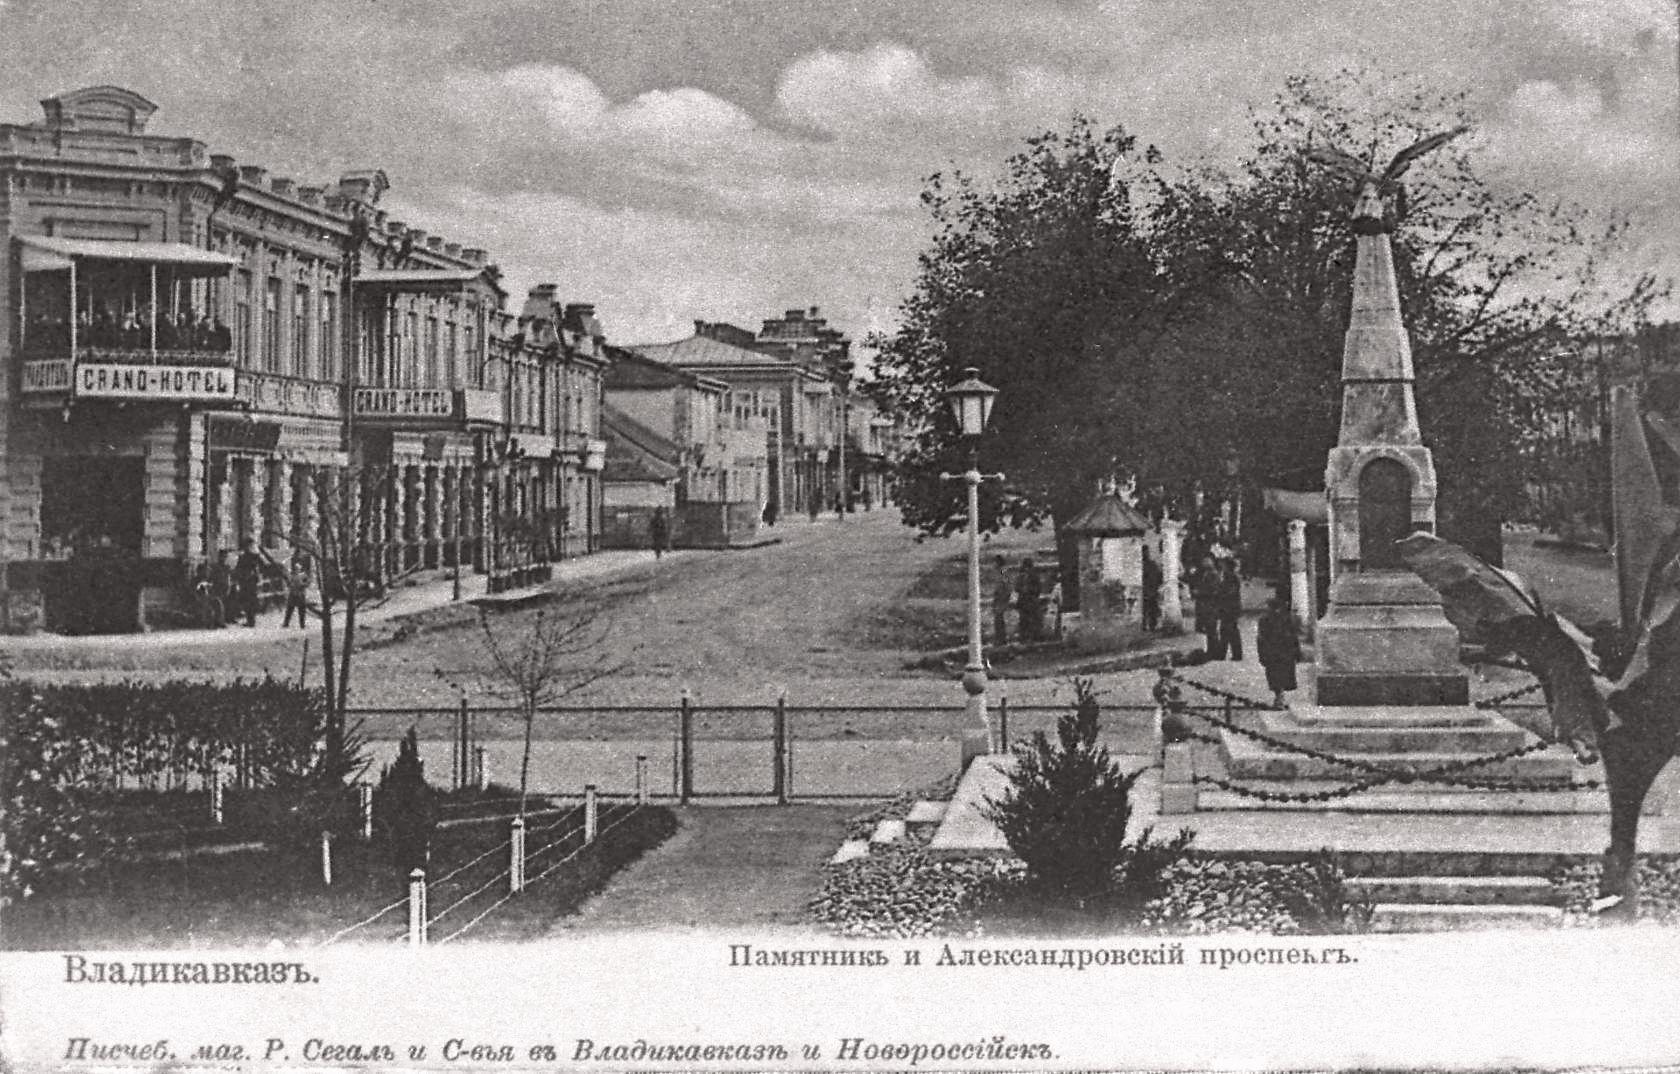 Александровский проспект и памятник